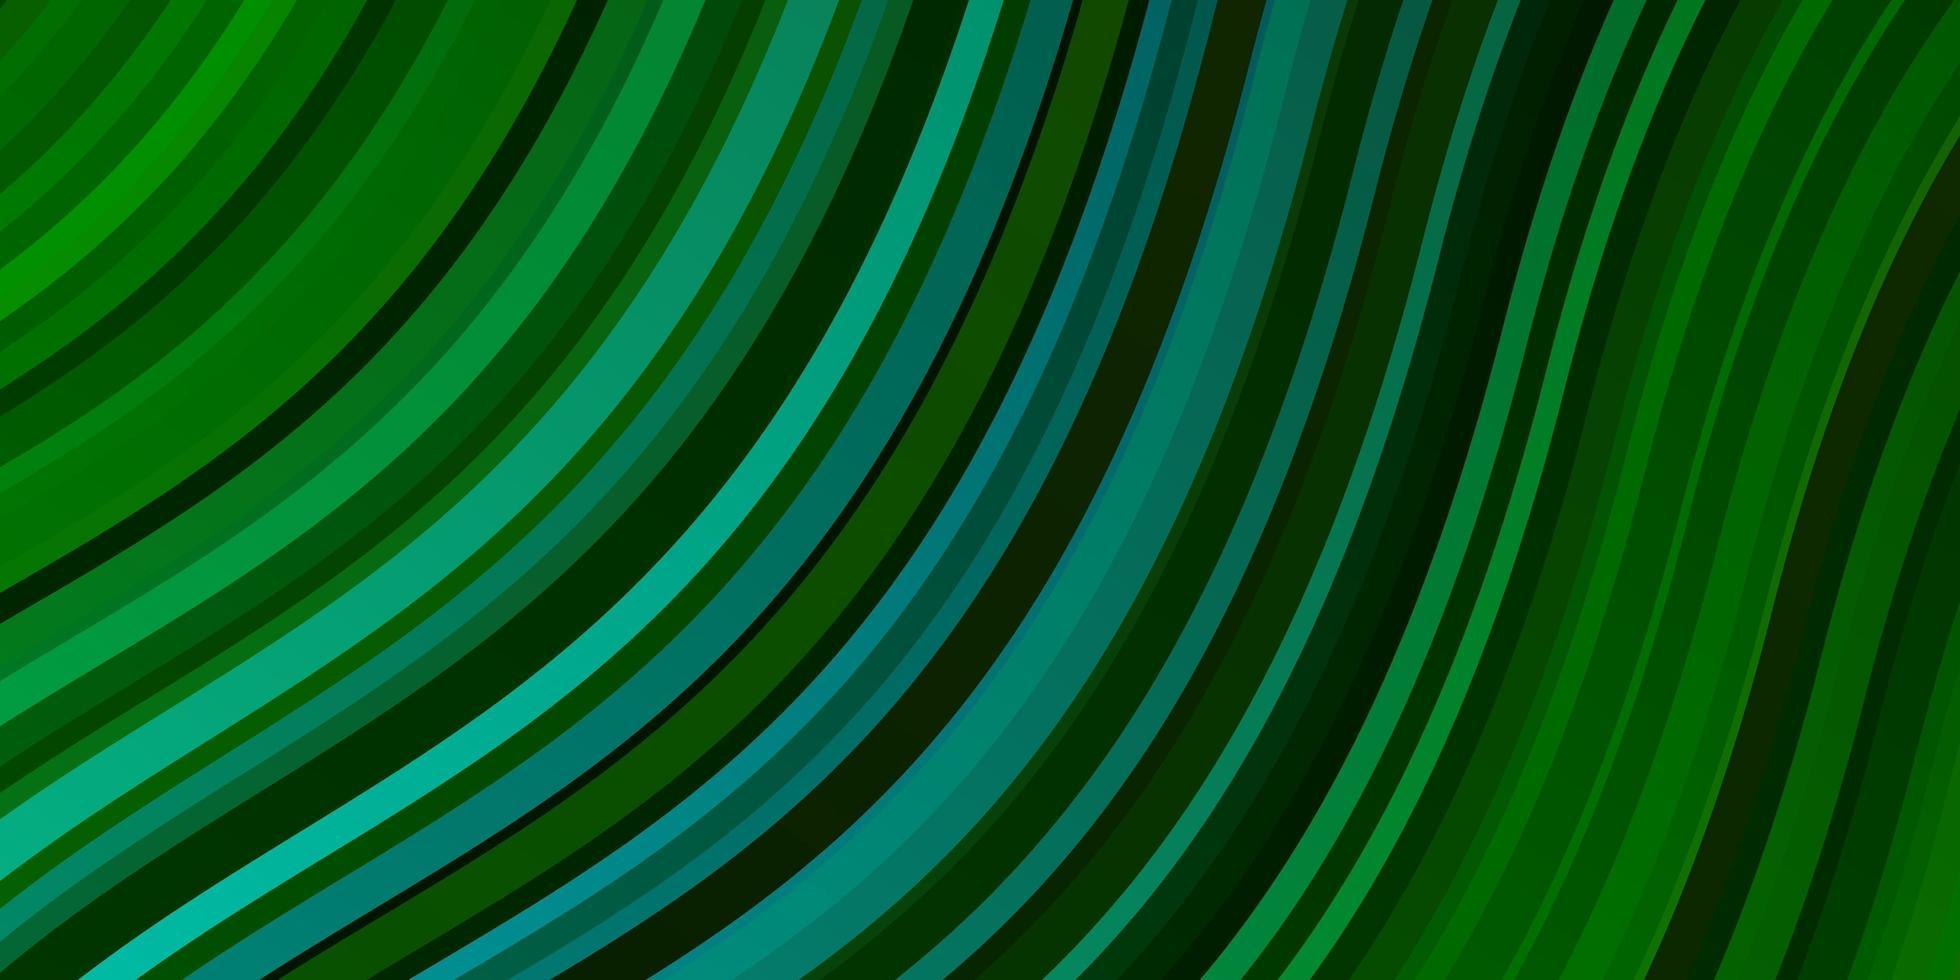 fond vert avec des lignes. vecteur